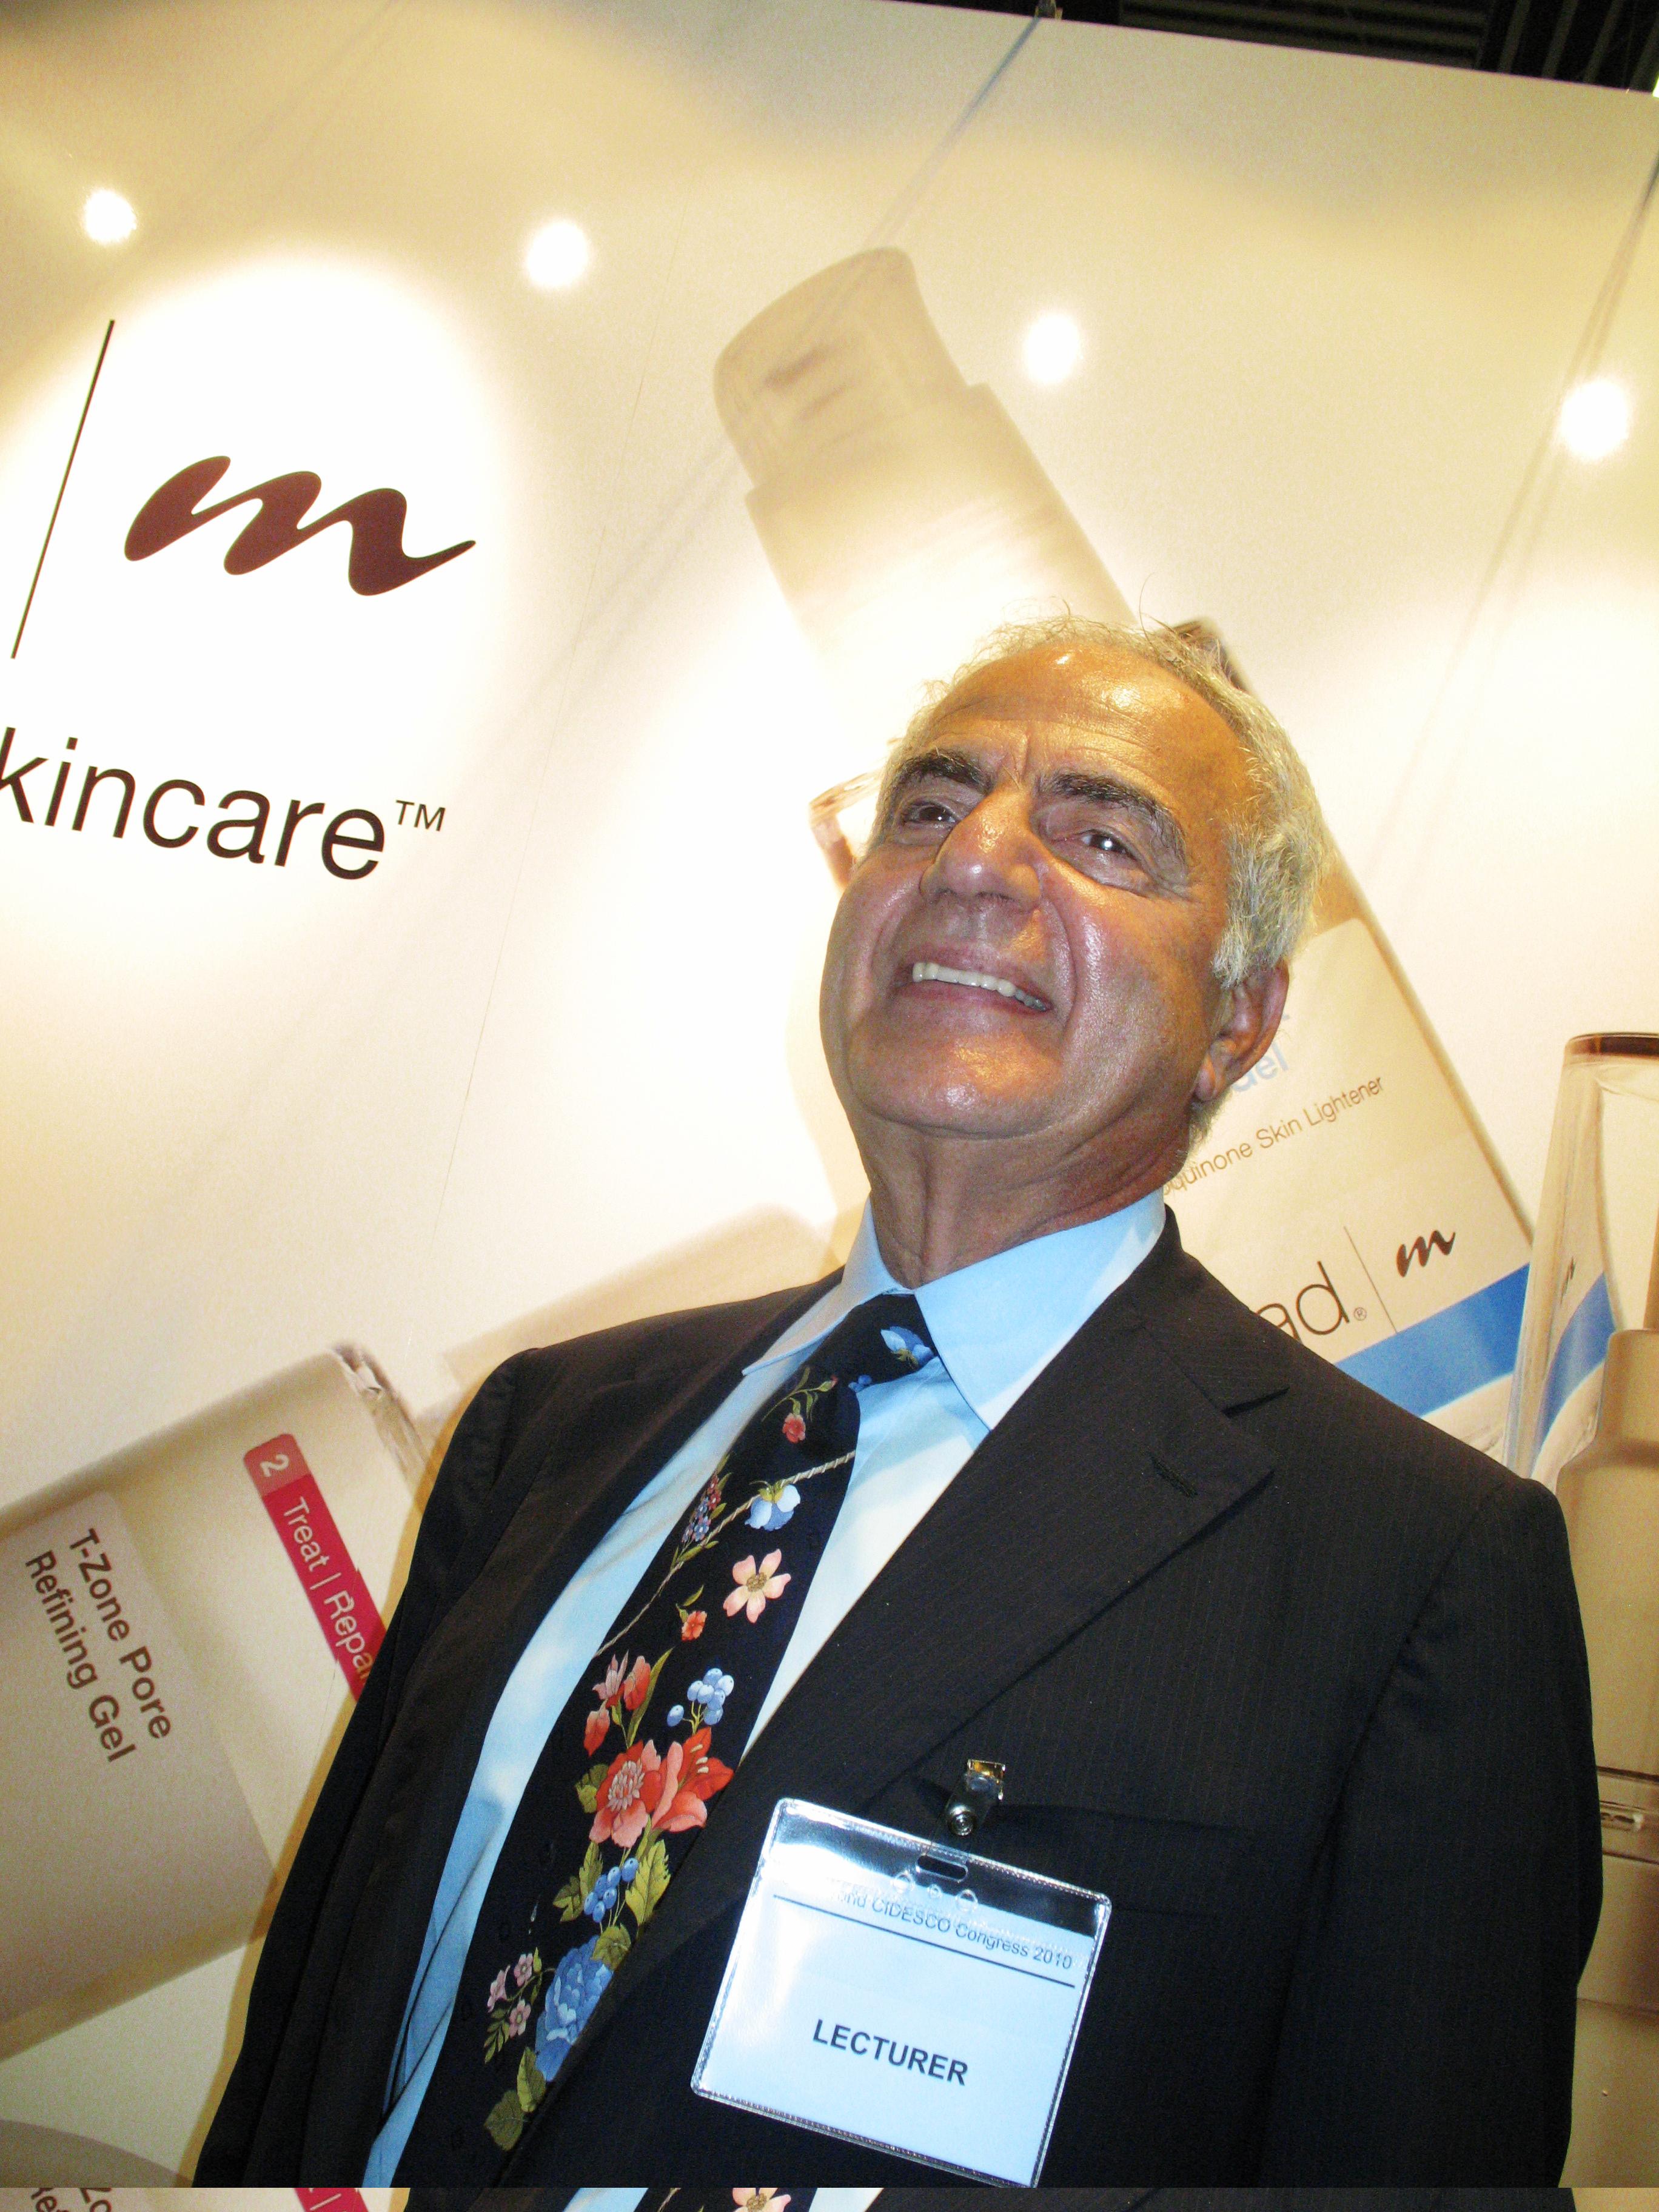 Howard Murad var pionjär när det kommer till doktorsrelaterad hudvård